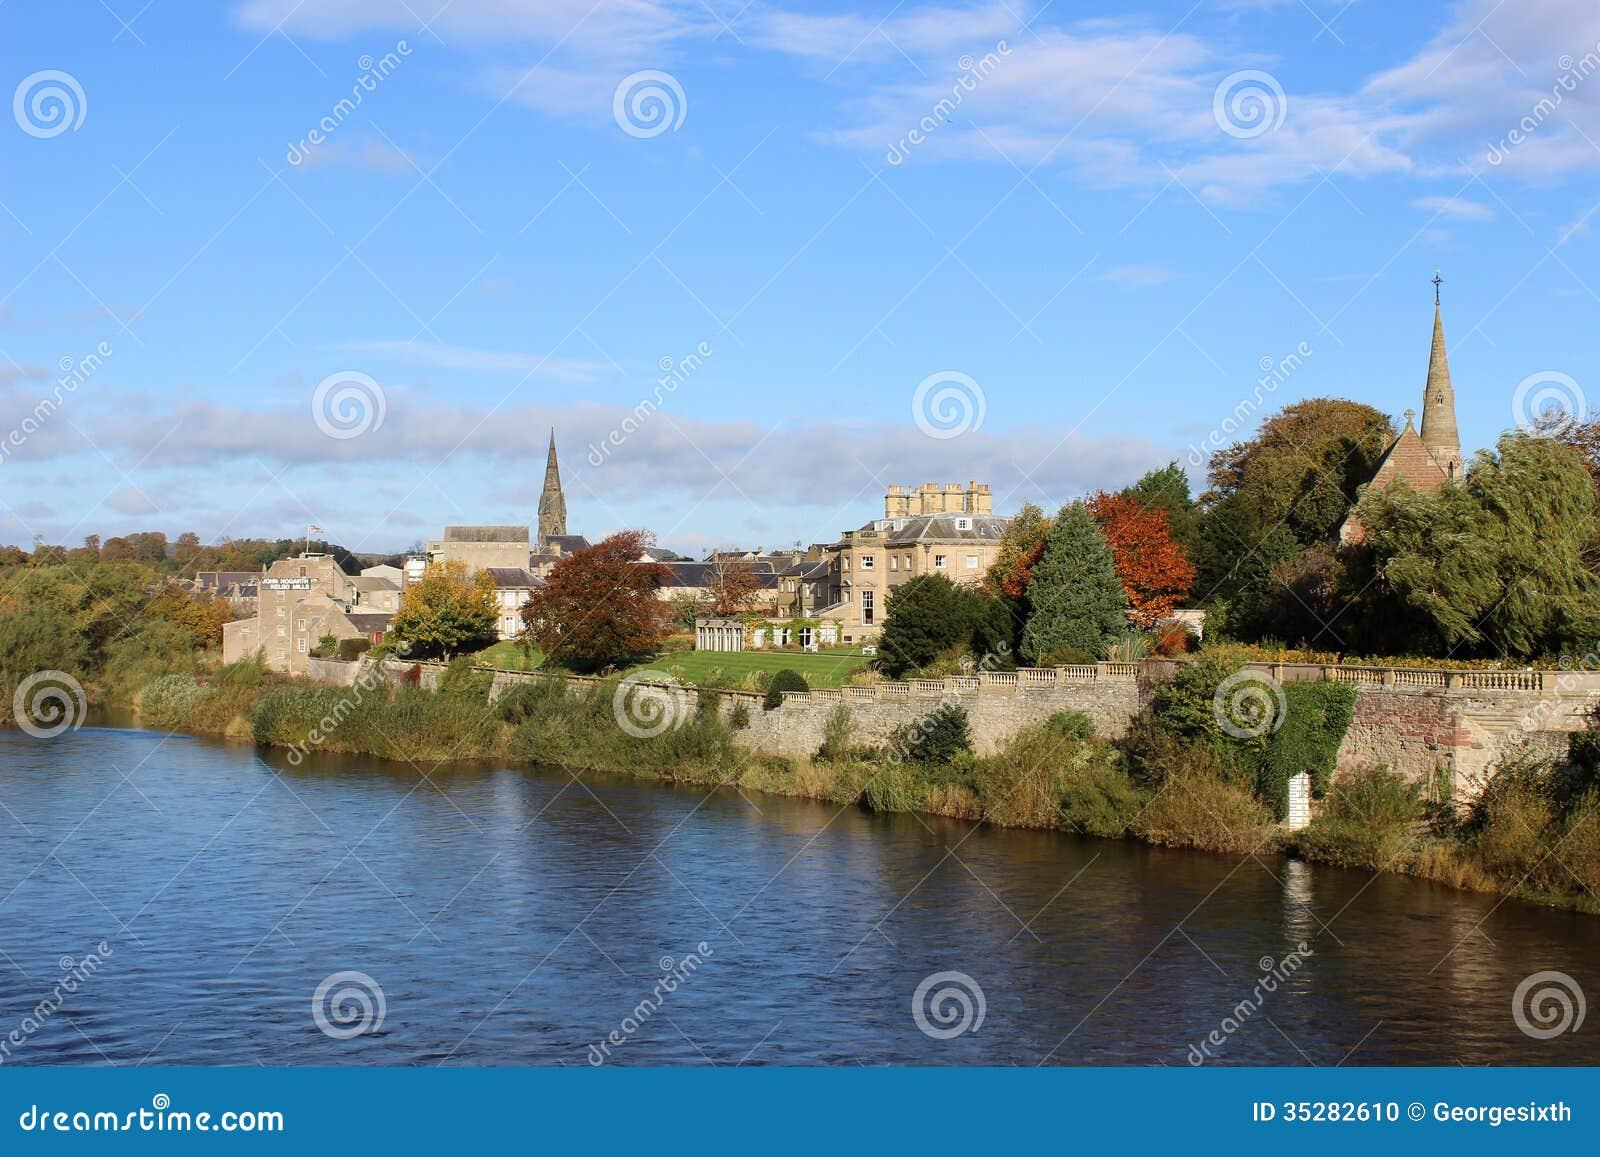 Mistura de lã do rio em Kelso, região de beiras, Escócia